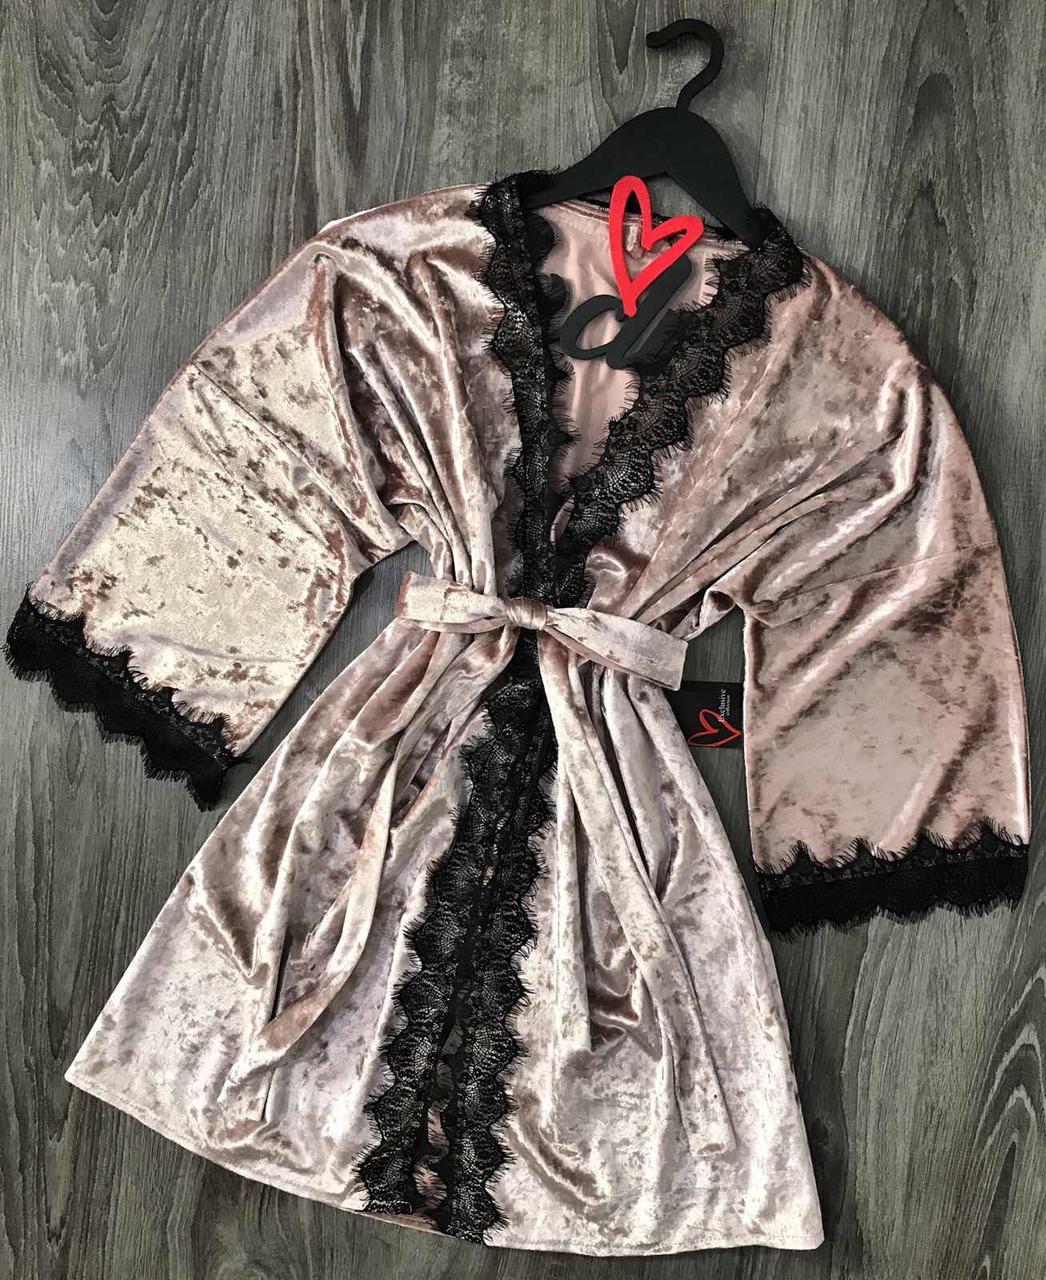 Пудровый велюровый халат с кружевом 082-1 вишня, домашняя одежда.